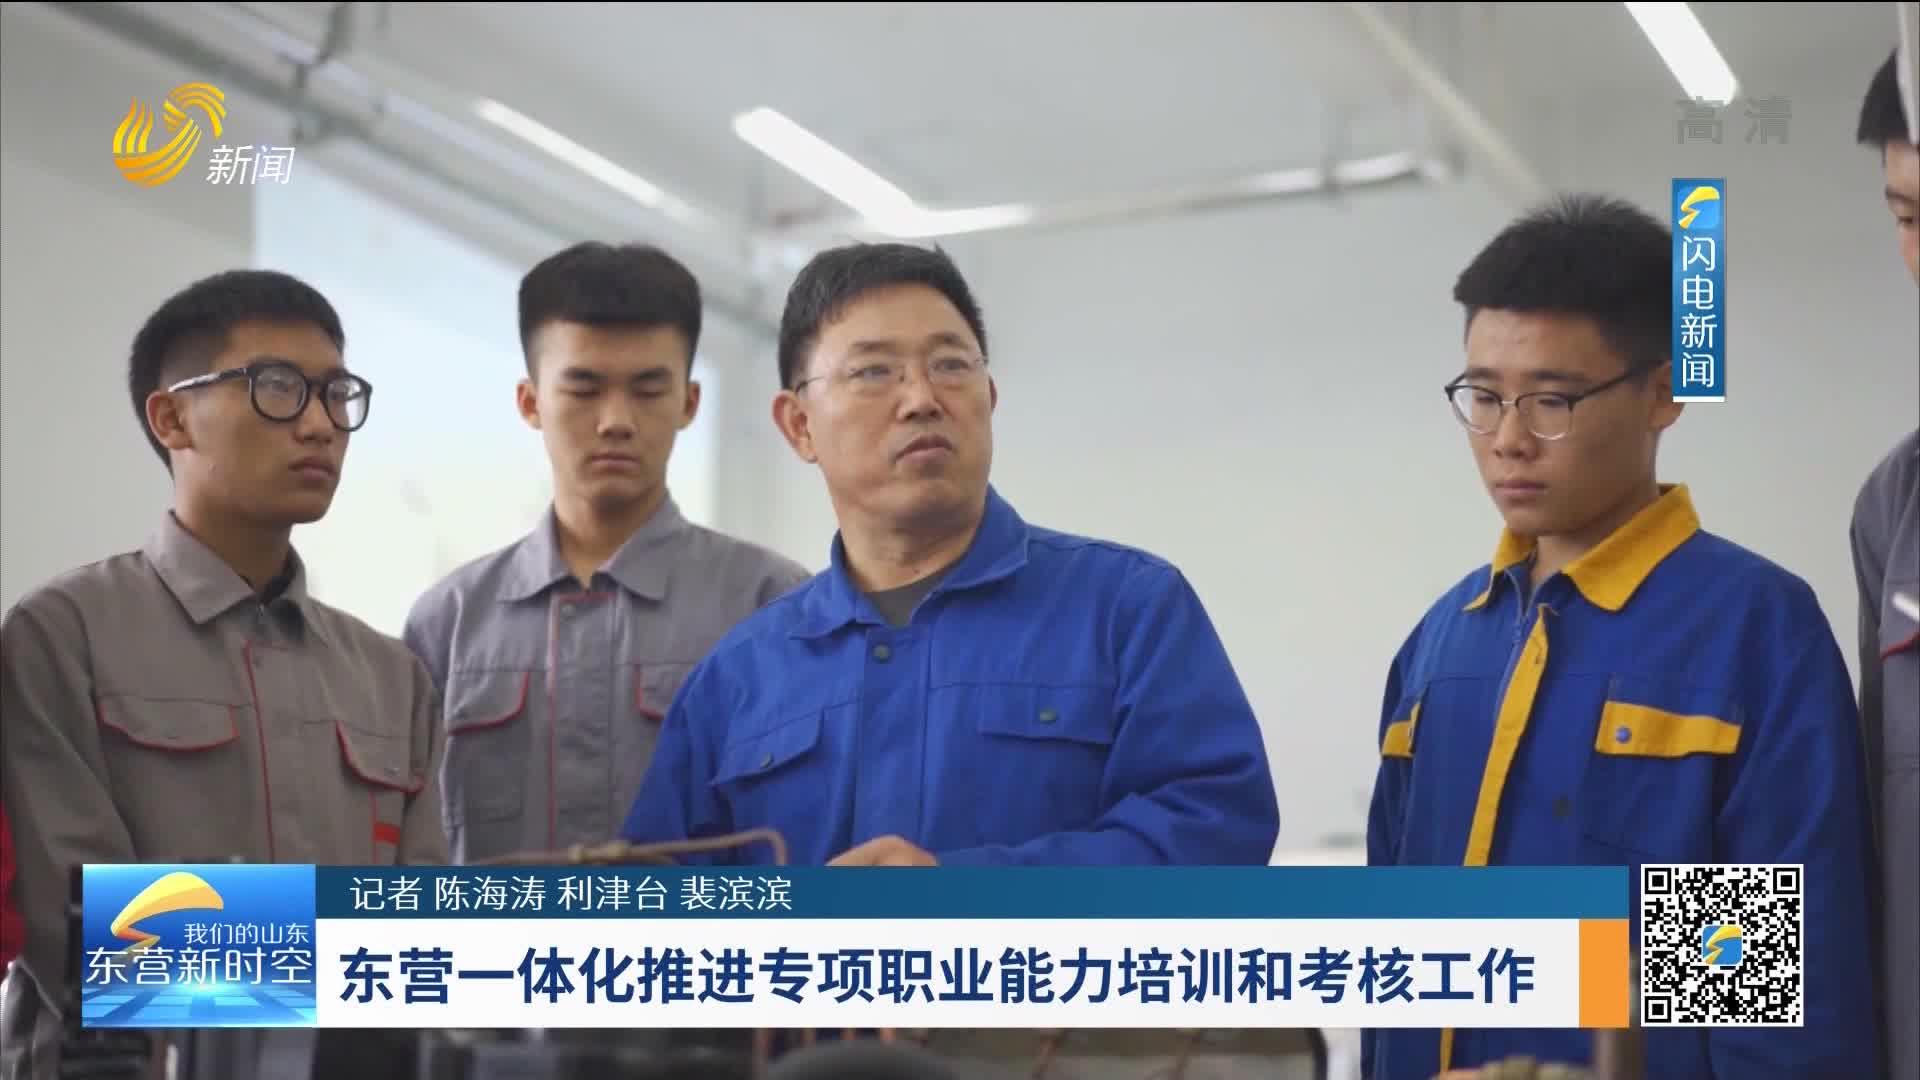 东营一体化推进专项职业能力培训和考核工作